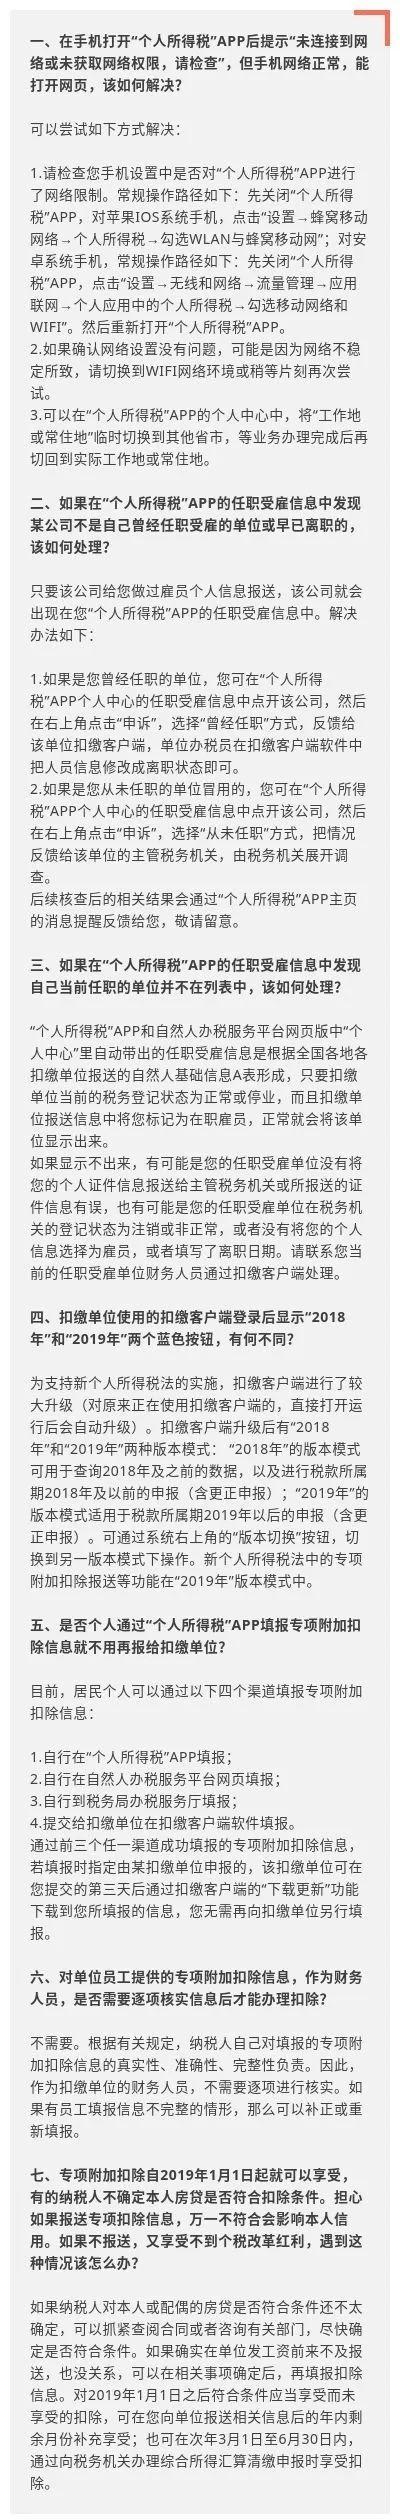 四川税务解答个税APP无法连接网络及信息被冒用等热点问题